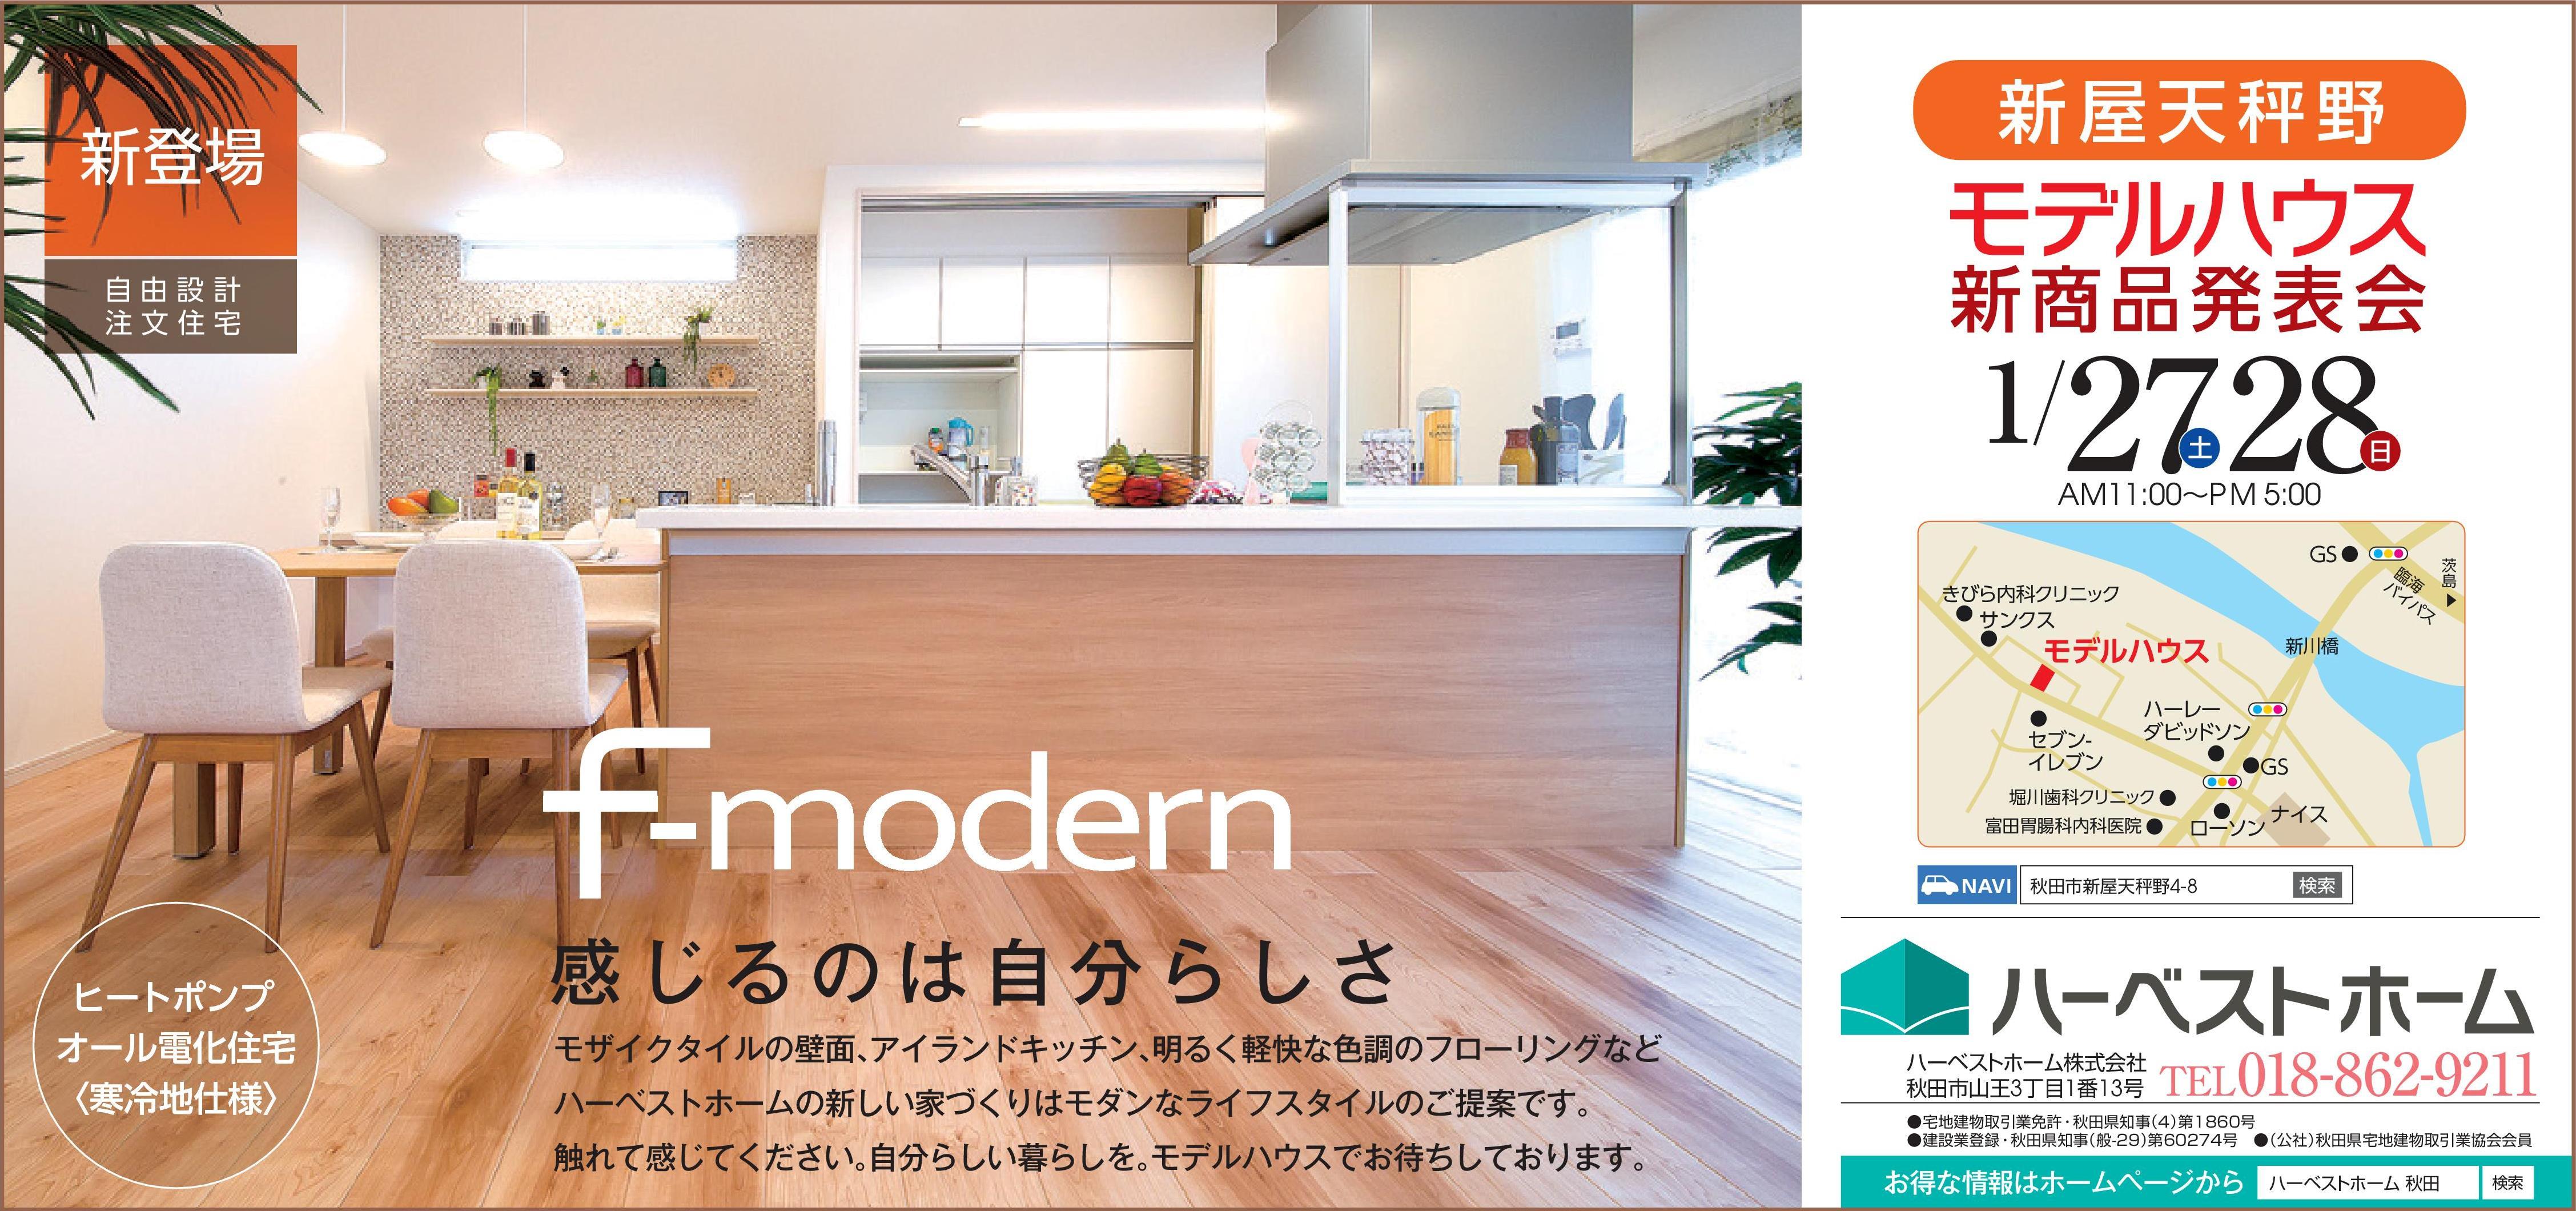 新屋天秤野モデルハウス / 新商品発表会 1/27(土)・28(日)